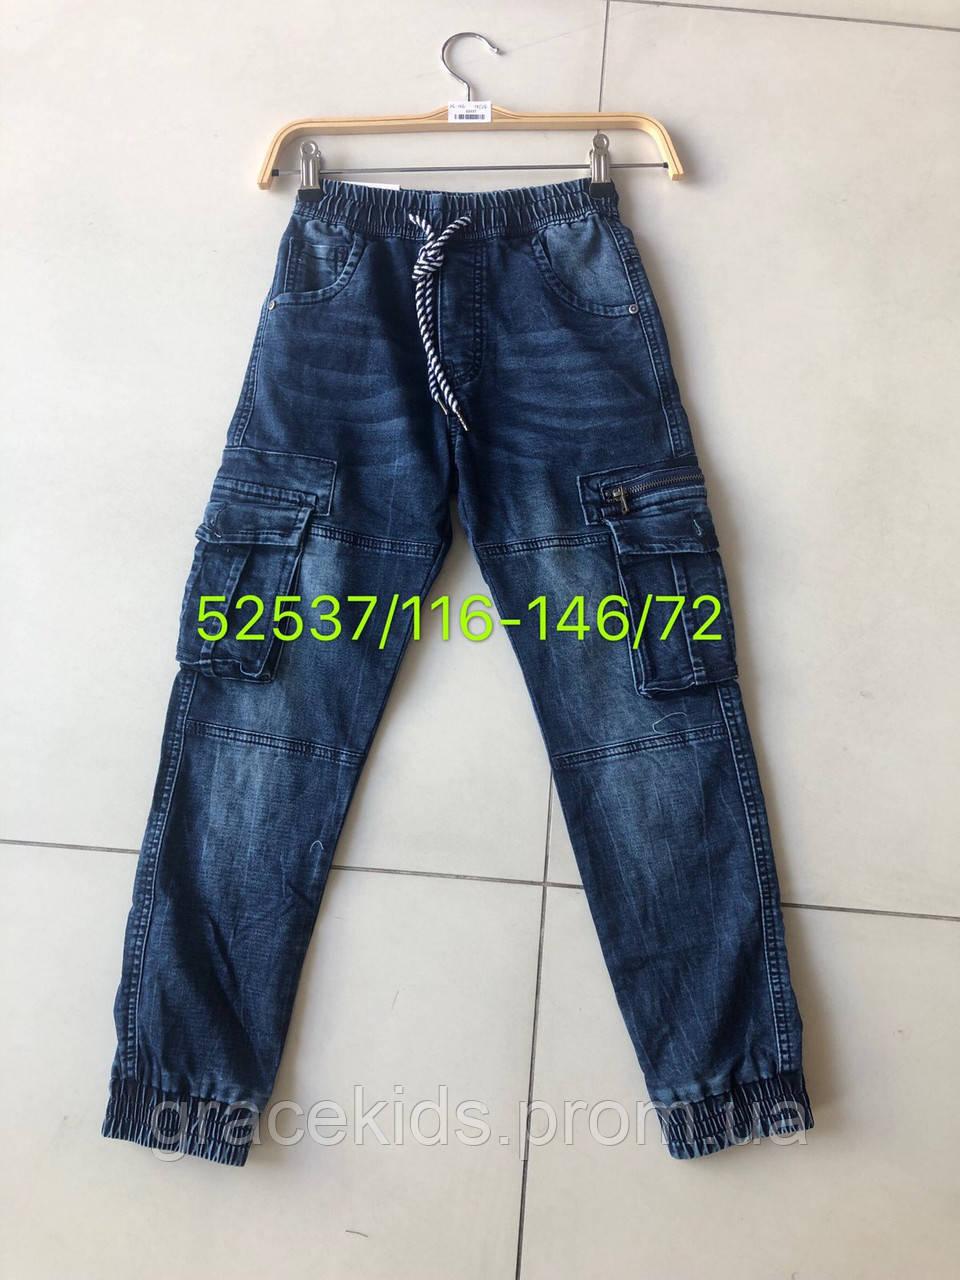 Детские джинсы джоггеры для мальчиков с накладными карманами оптом SEAGULL,разм 116-146 см